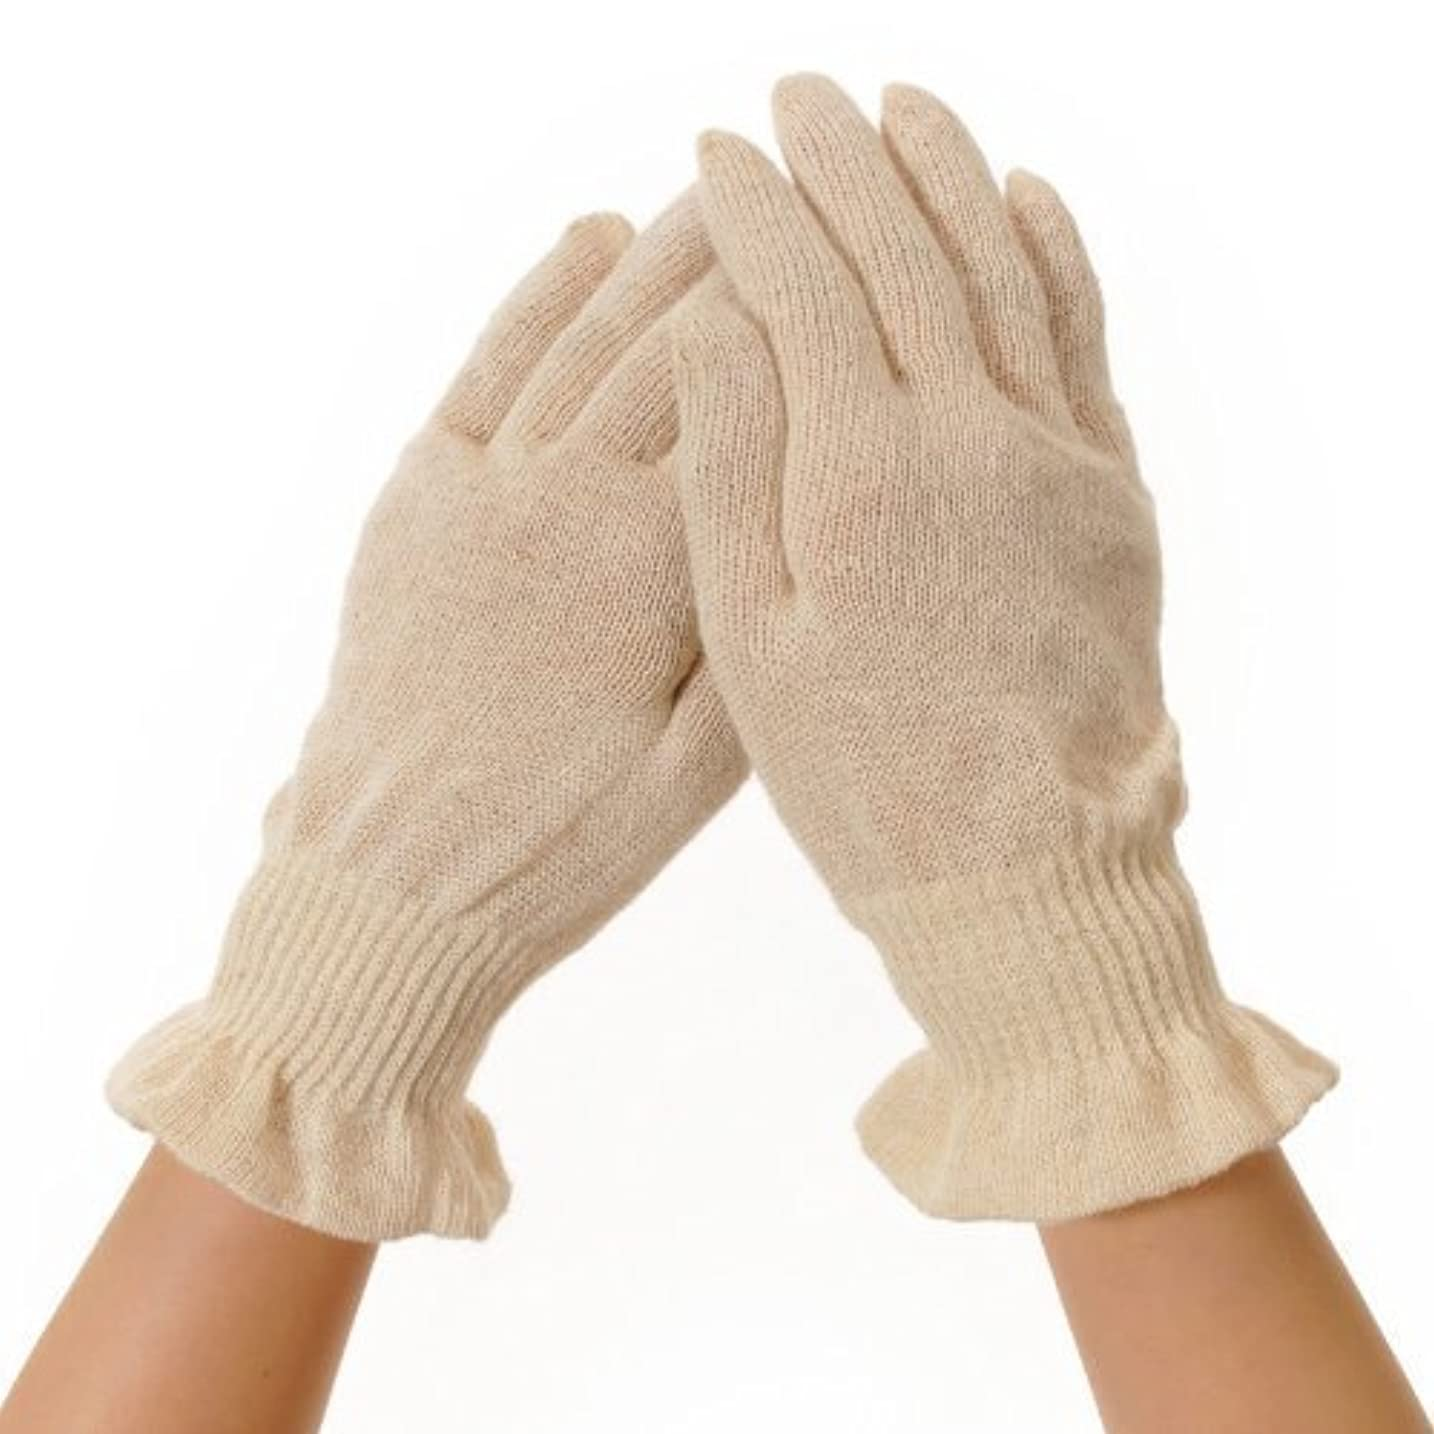 指標ドアミラー狼麻福 就寝用 手袋 [寝ている間に保湿で手荒れケア おやすみ手袋] 麻福特製ヘンプ糸 R レギュラーサイズ (女性ゆったり/男性ジャストフィット) きなり色 手荒れ予防